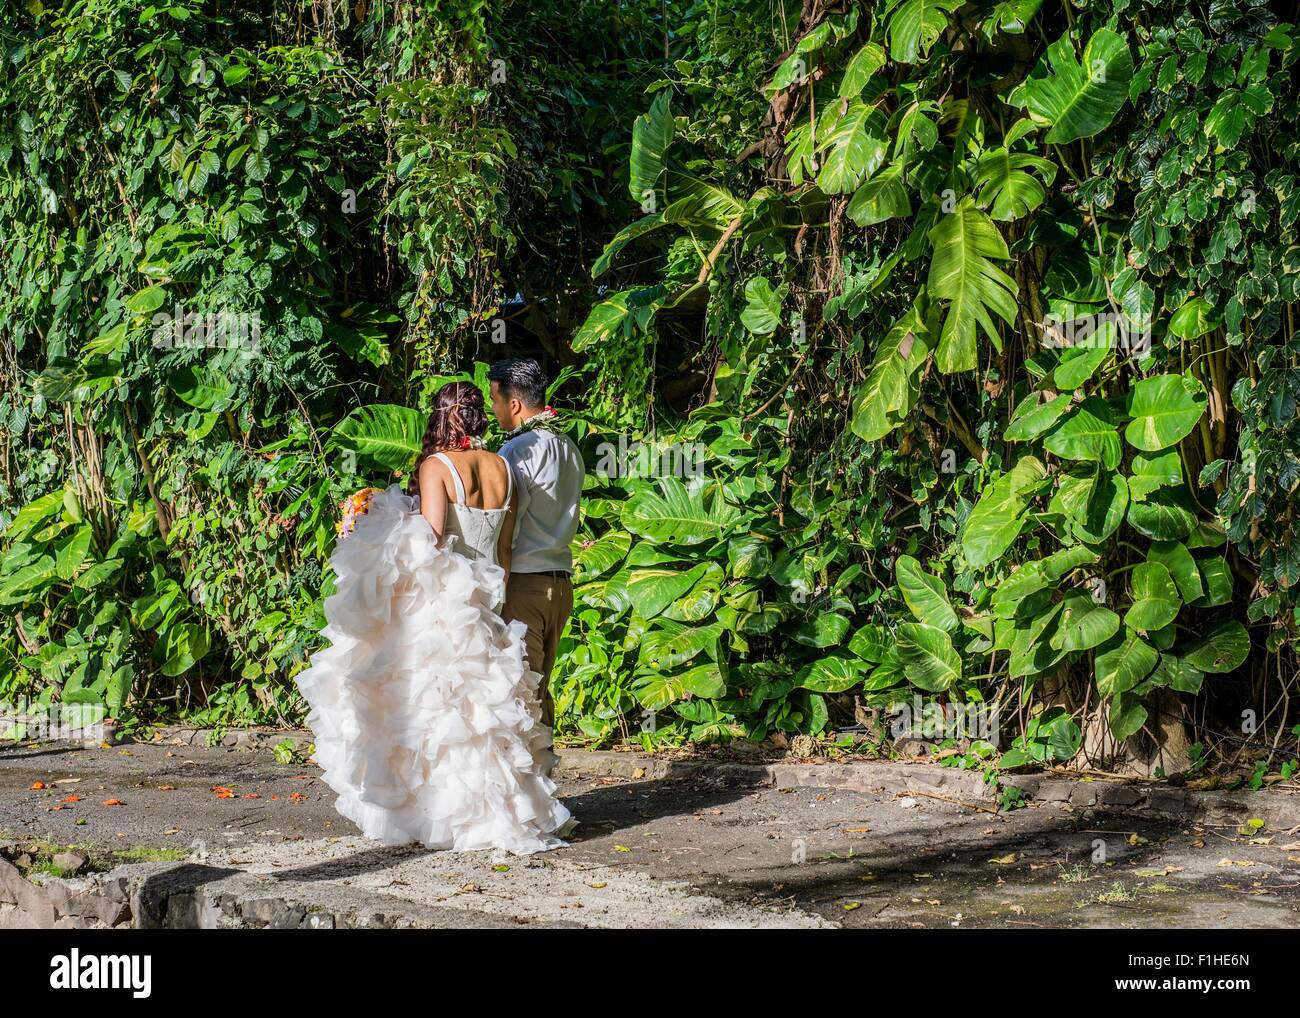 Braut und Bräutigam einen Spaziergang im Garten bei Hawaiian Wedding, Kaaawa, Oahu, Hawaii, USA Stockbild